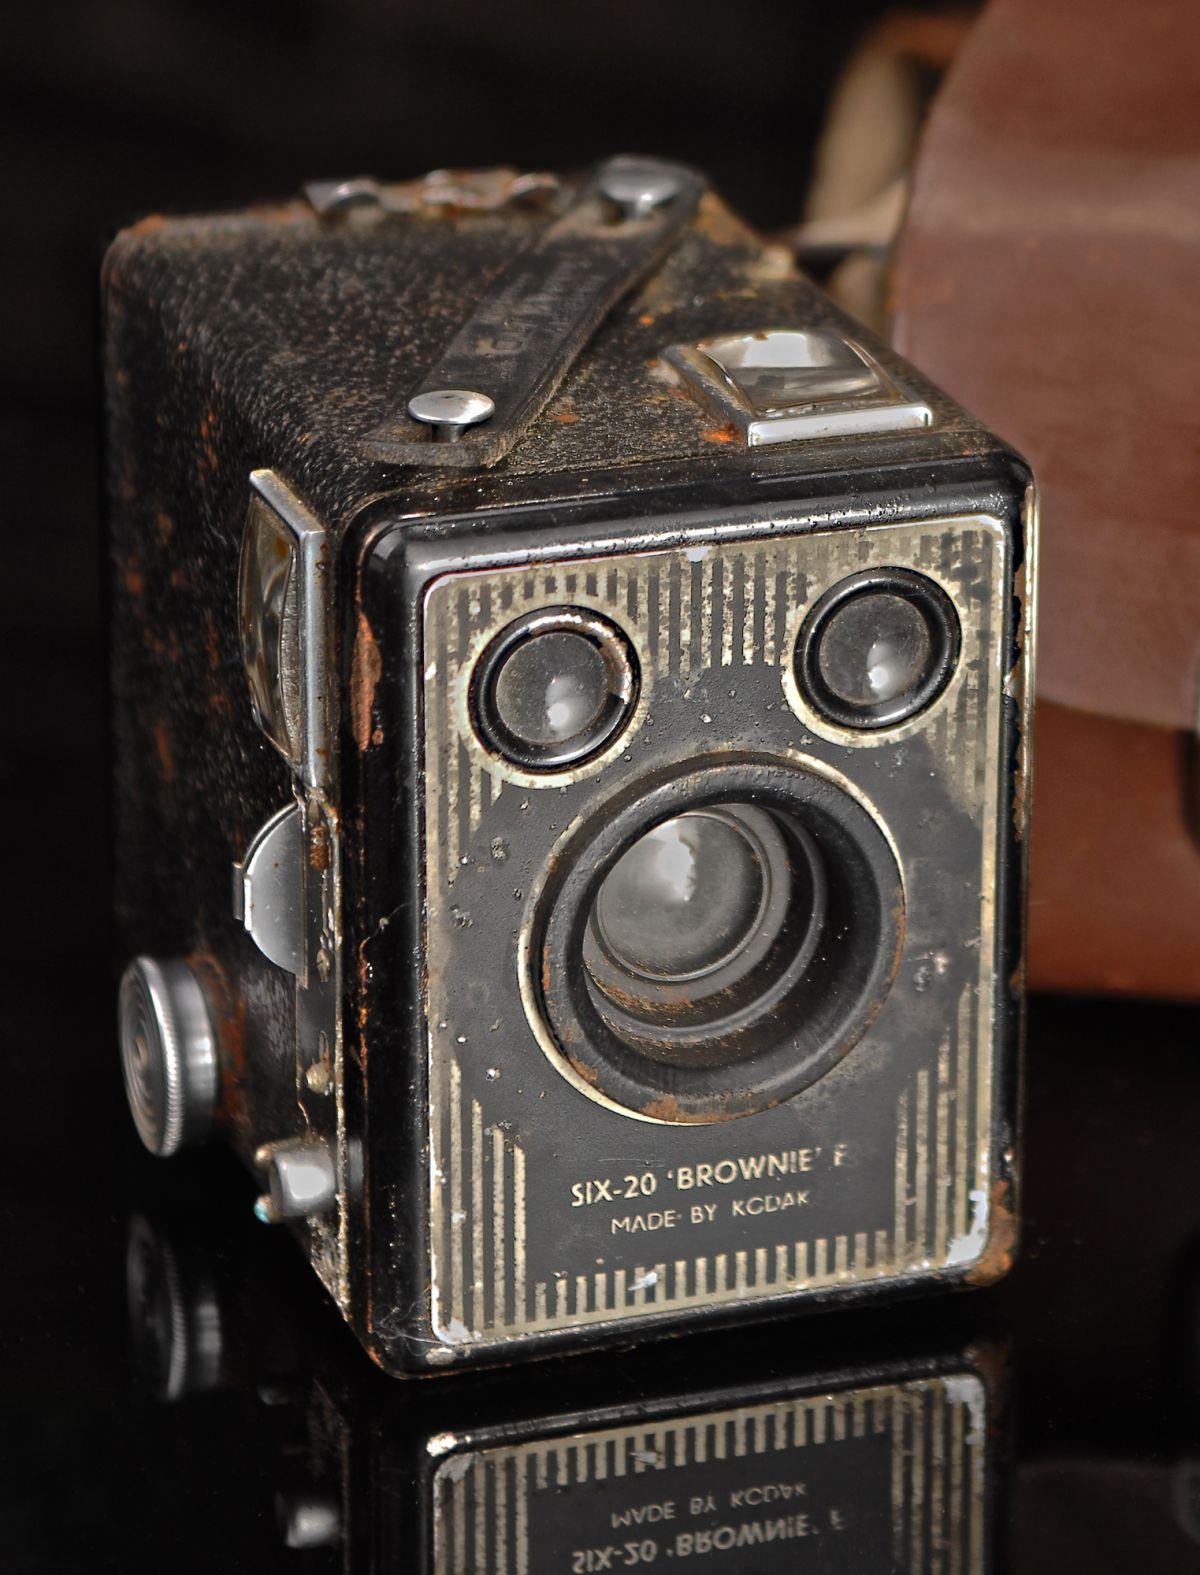 KODAK SIX-20 BOX BROWNIE MODEL E WITH CASE